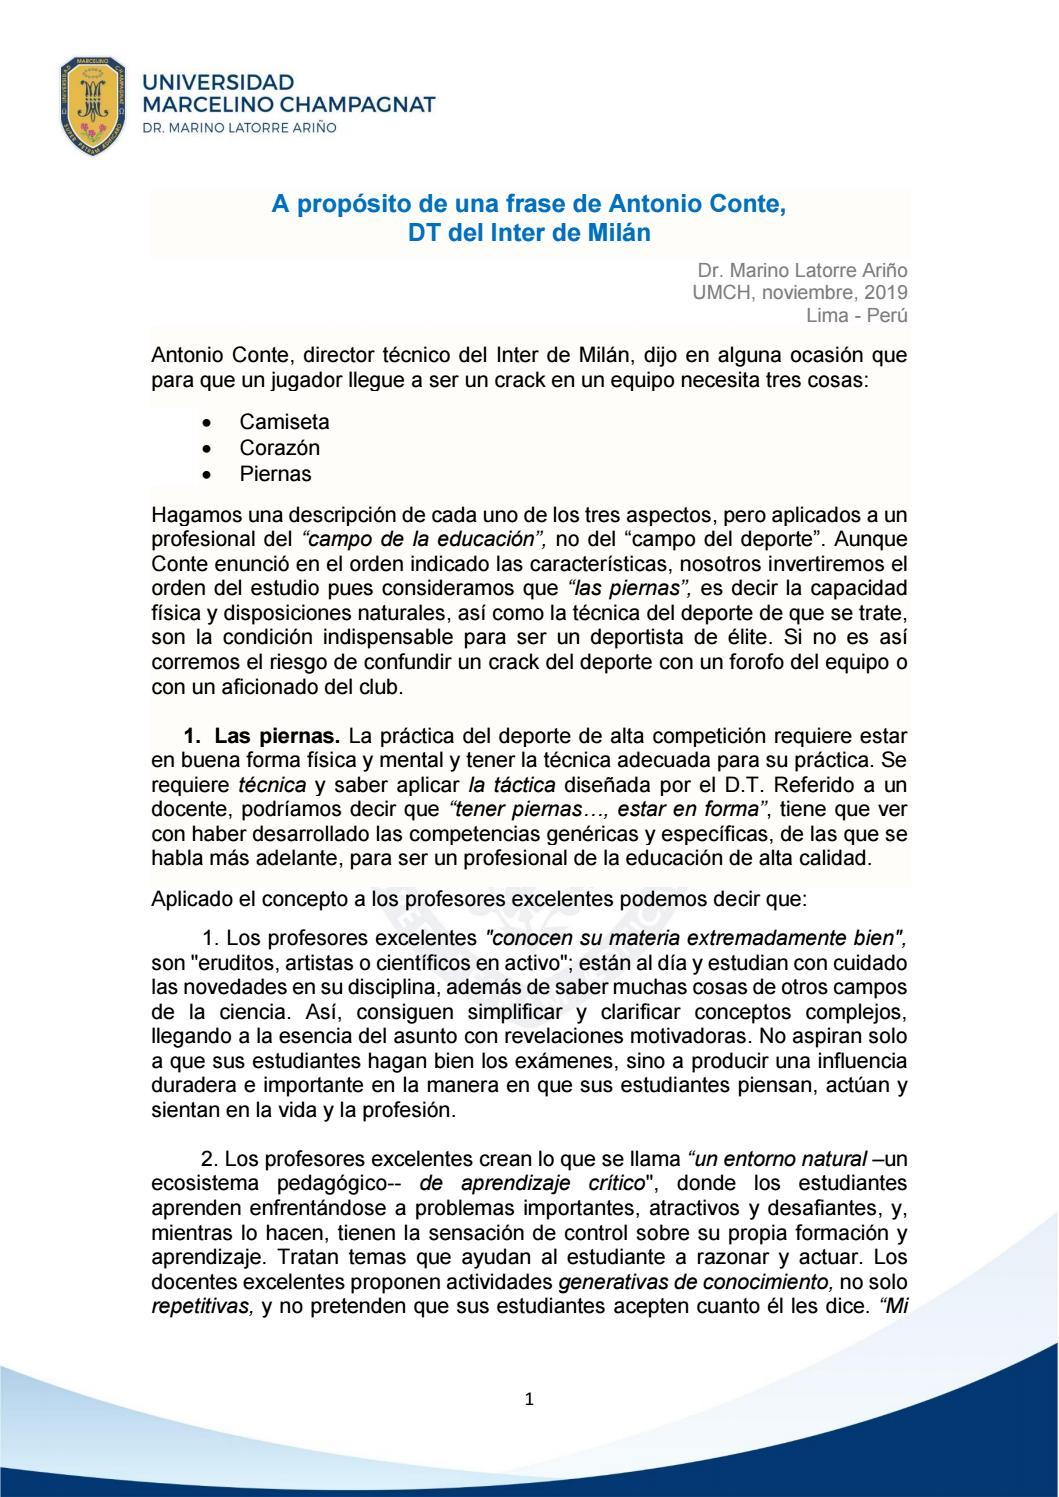 A Propósito De Una Frase De Antonio Conte Dt Del Inter De